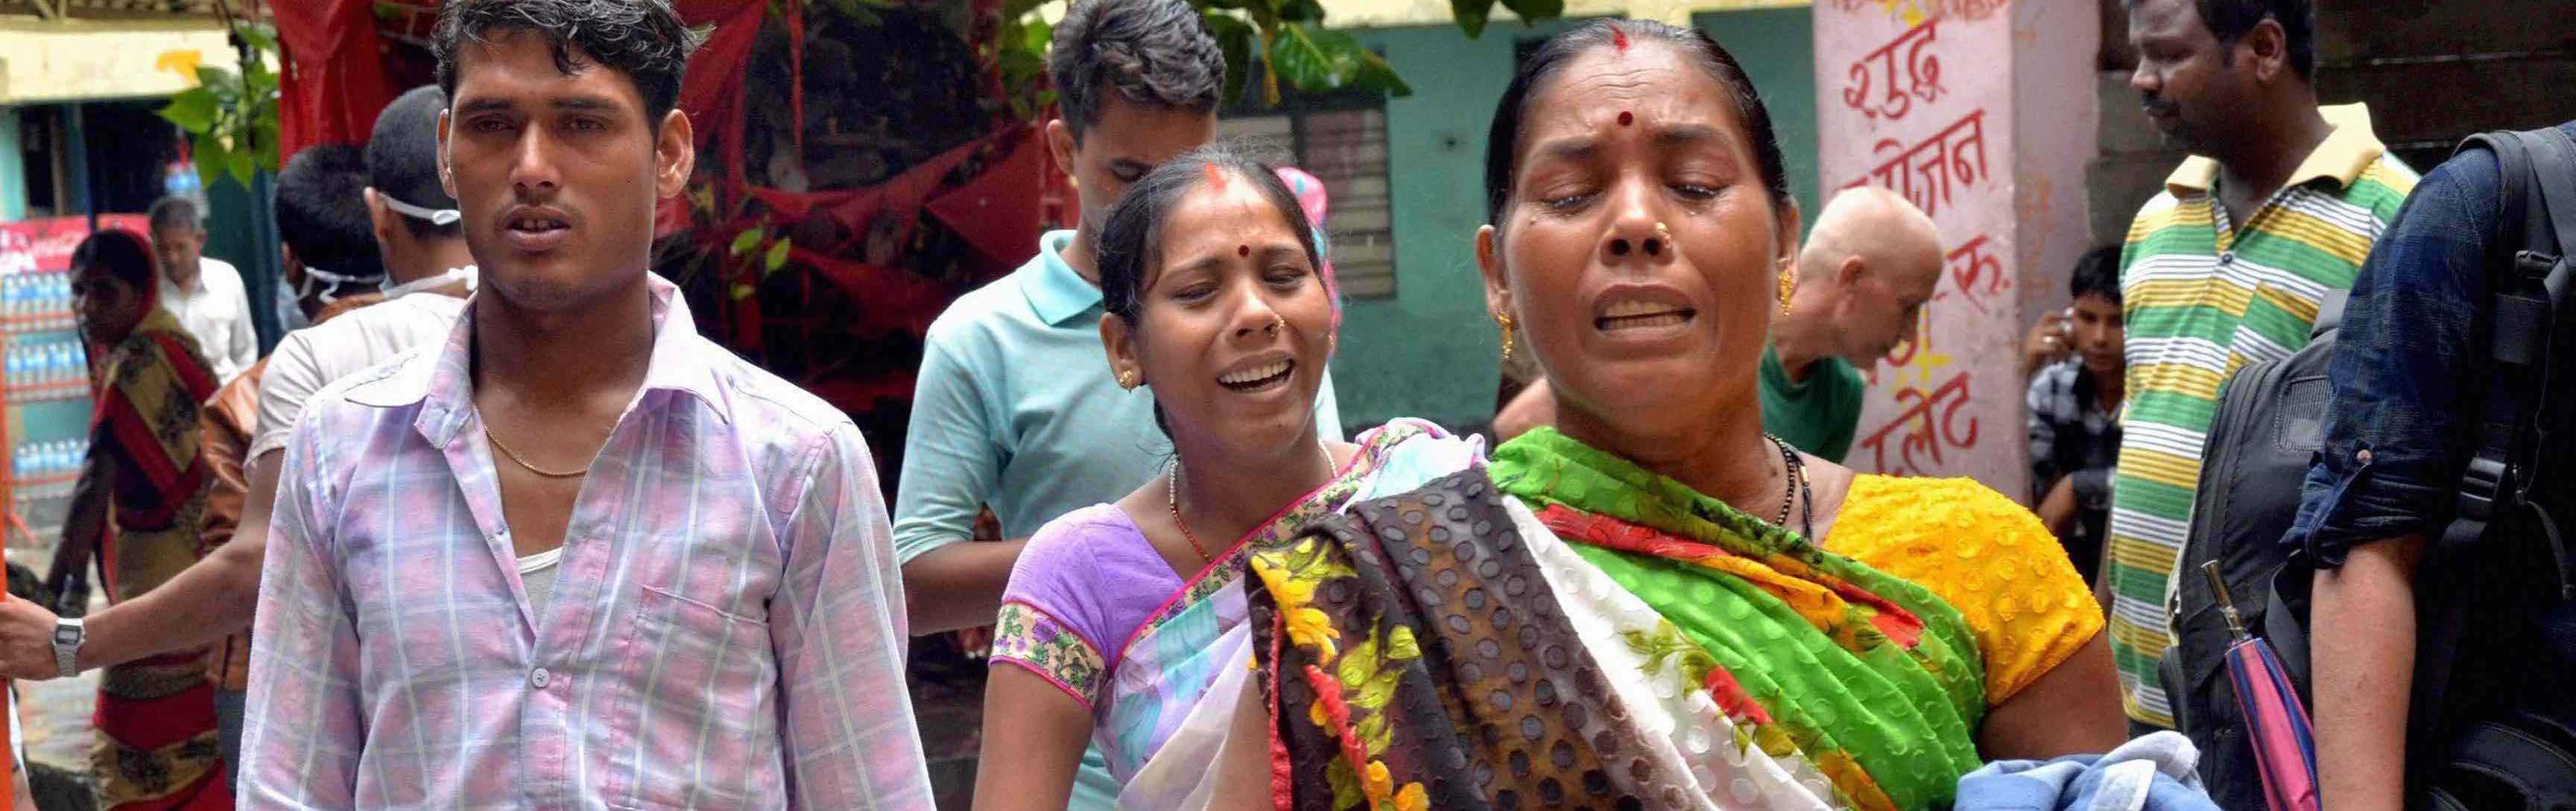 Gorakhpur's Children Died of ... Death